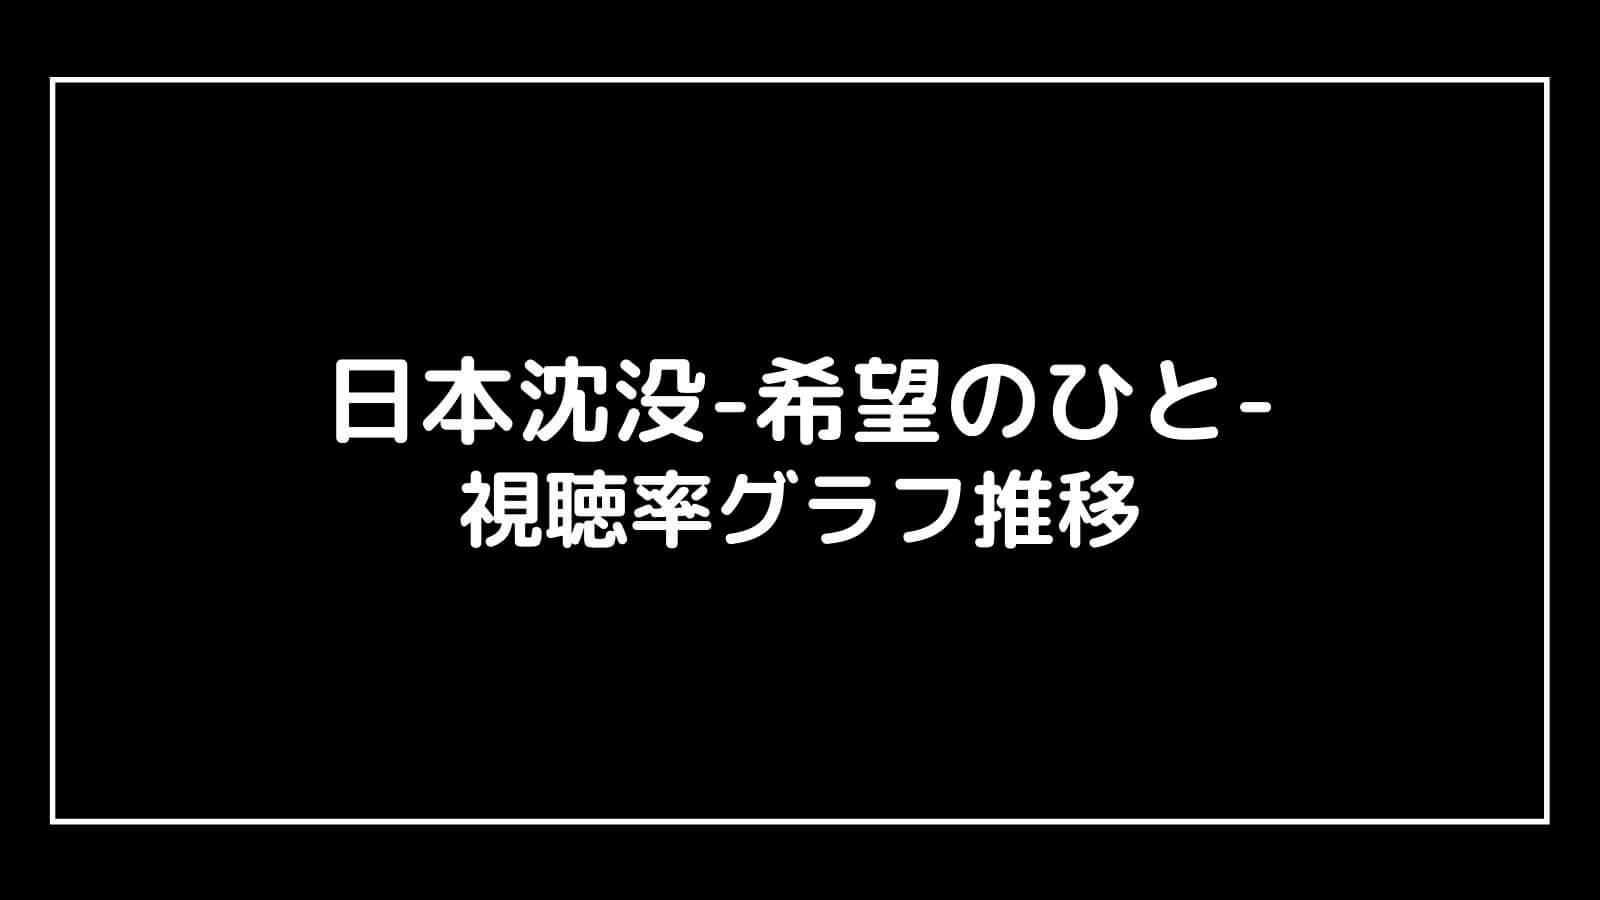 『日本沈没 希望のひと』現在の視聴率速報と最終回までのグラフ推移